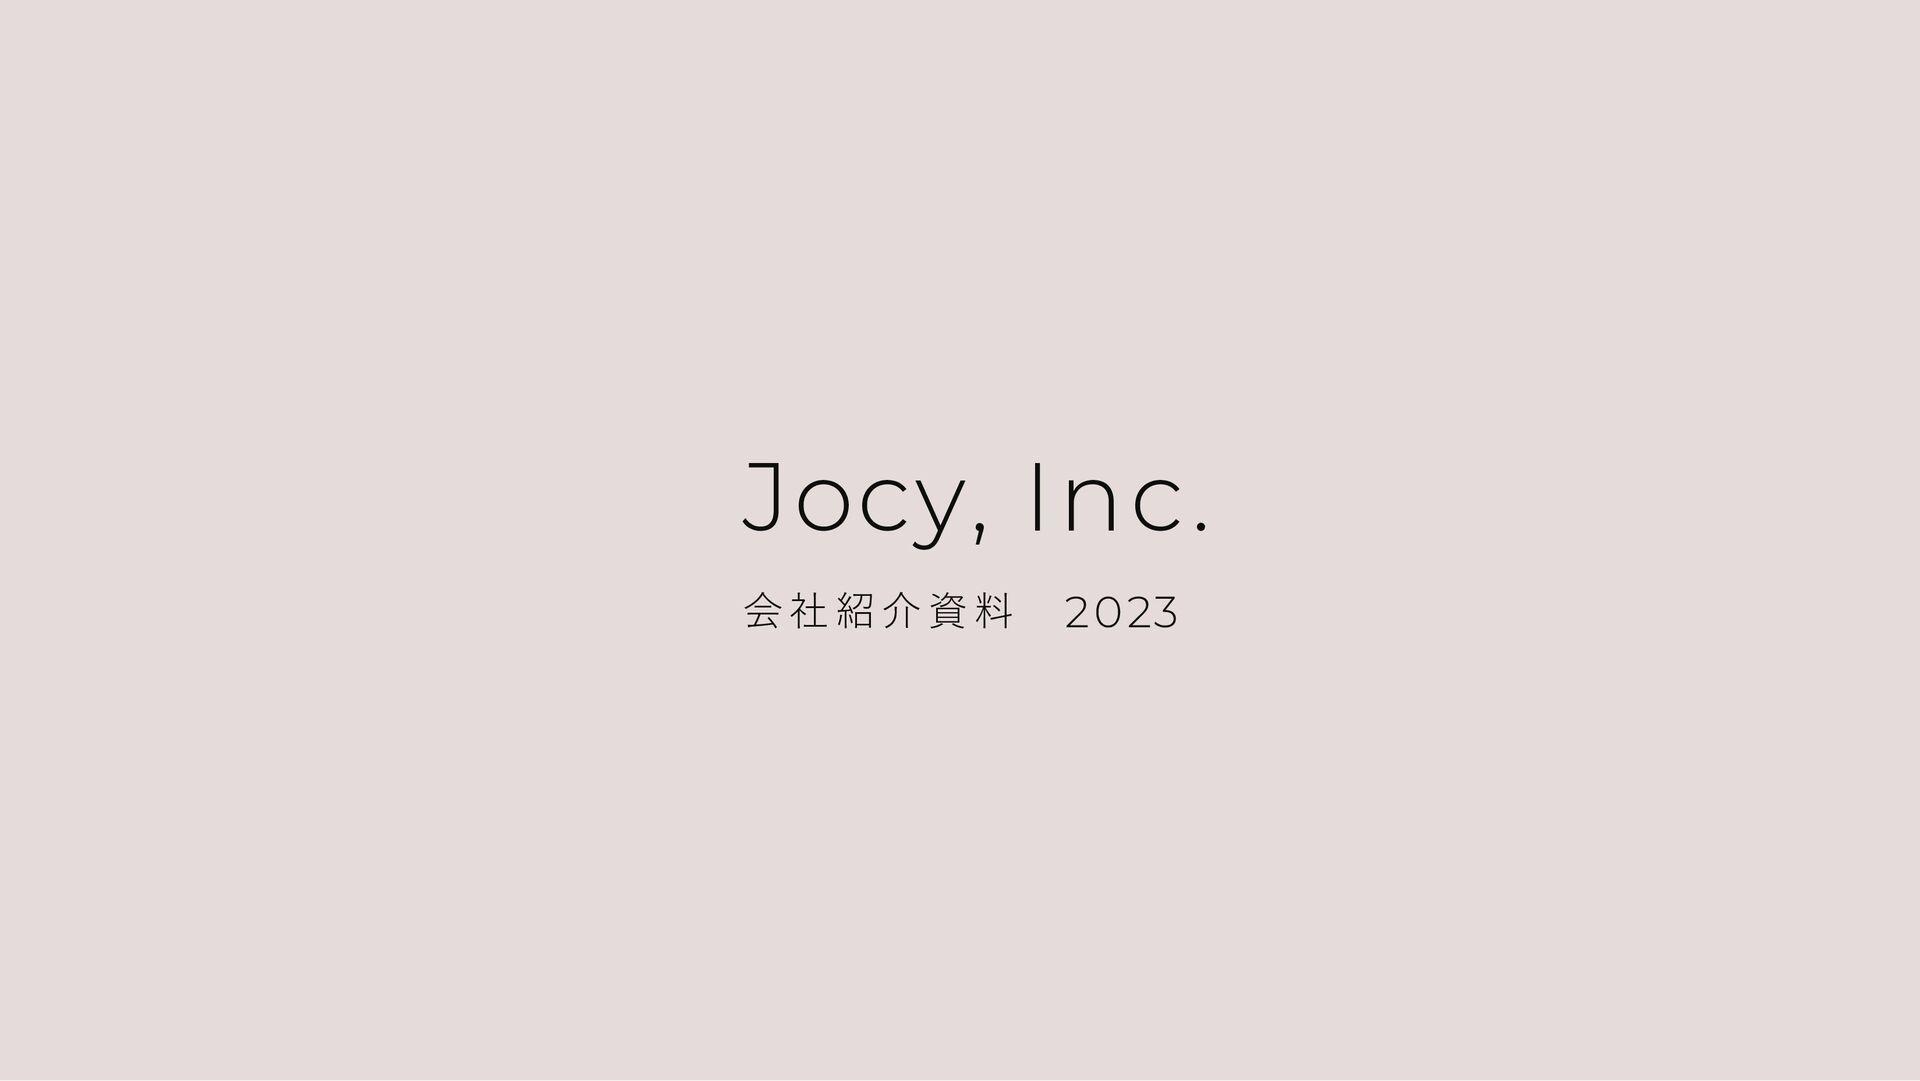 Jocy, Inc. 会 社 紹 介 資 料 2021